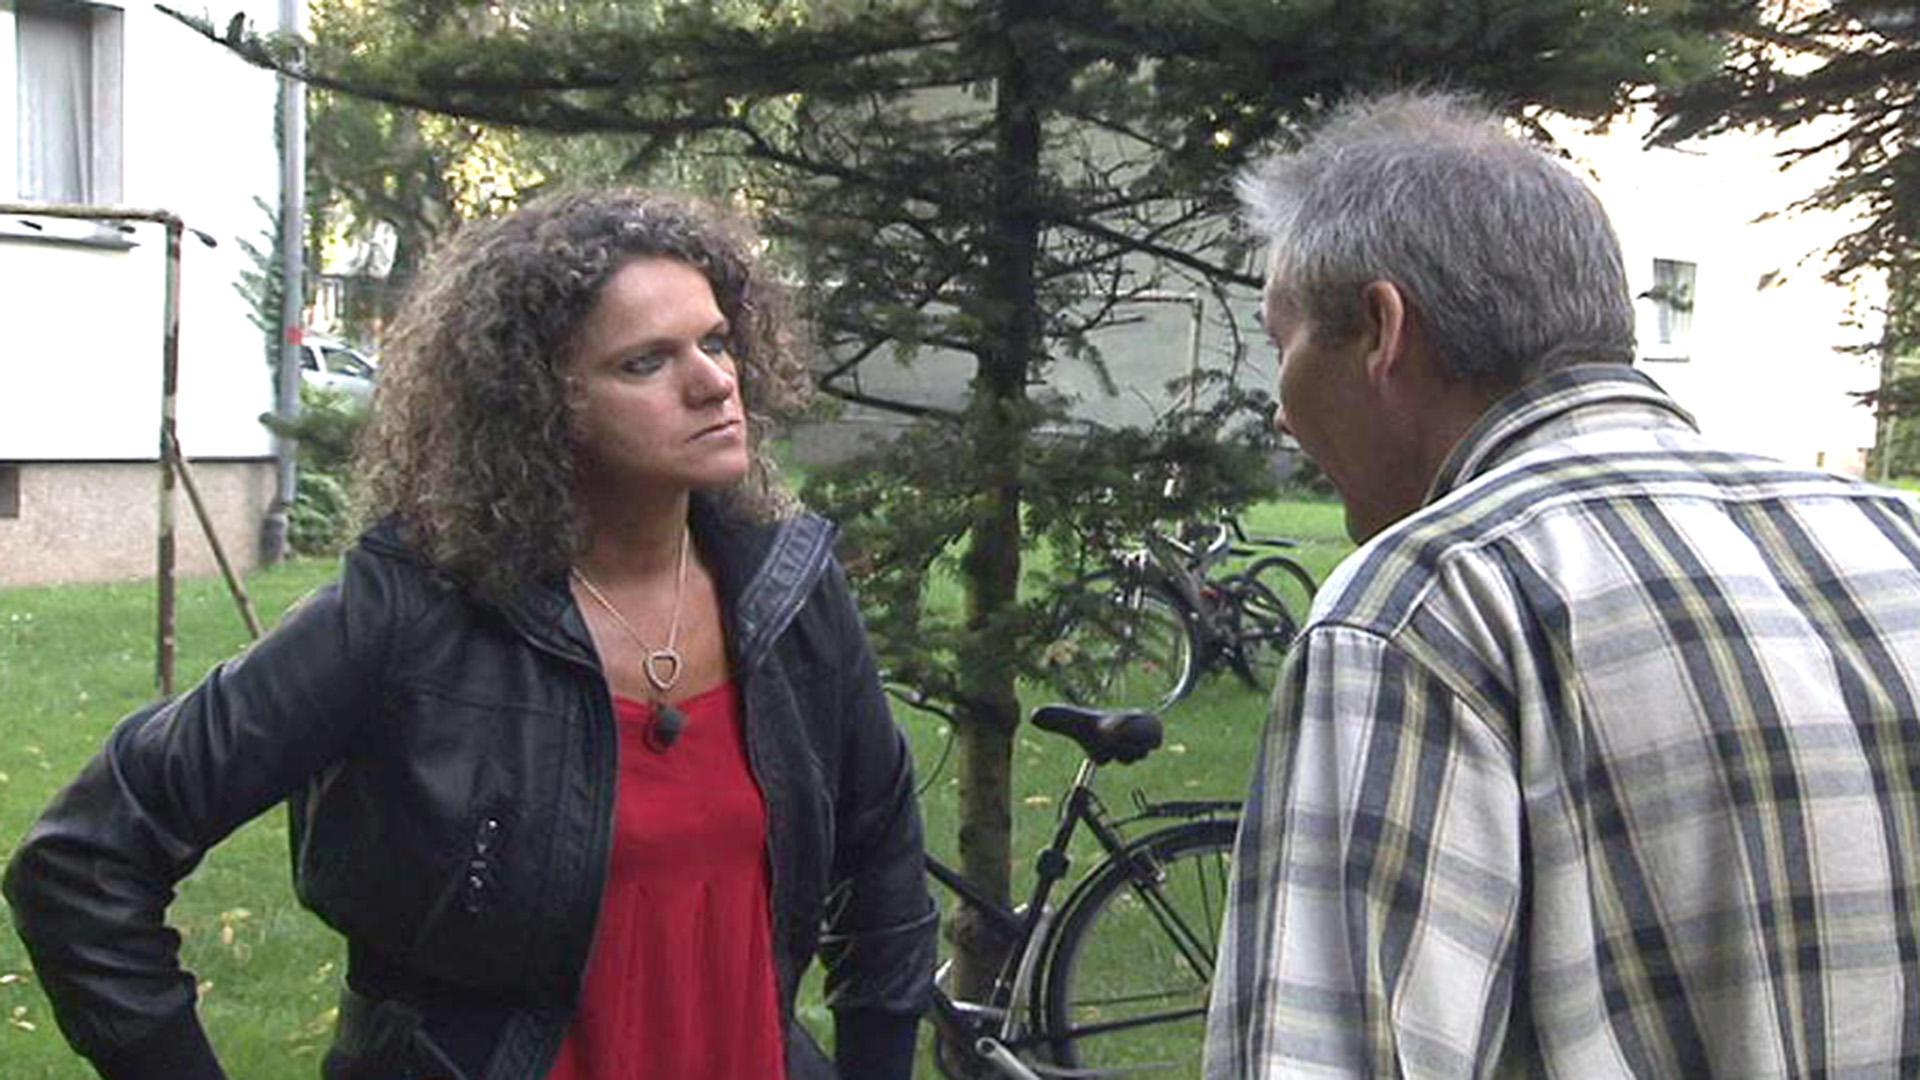 Ehefrau stürzt Tagelöhner in den finanziellen Ruin | Folge 60